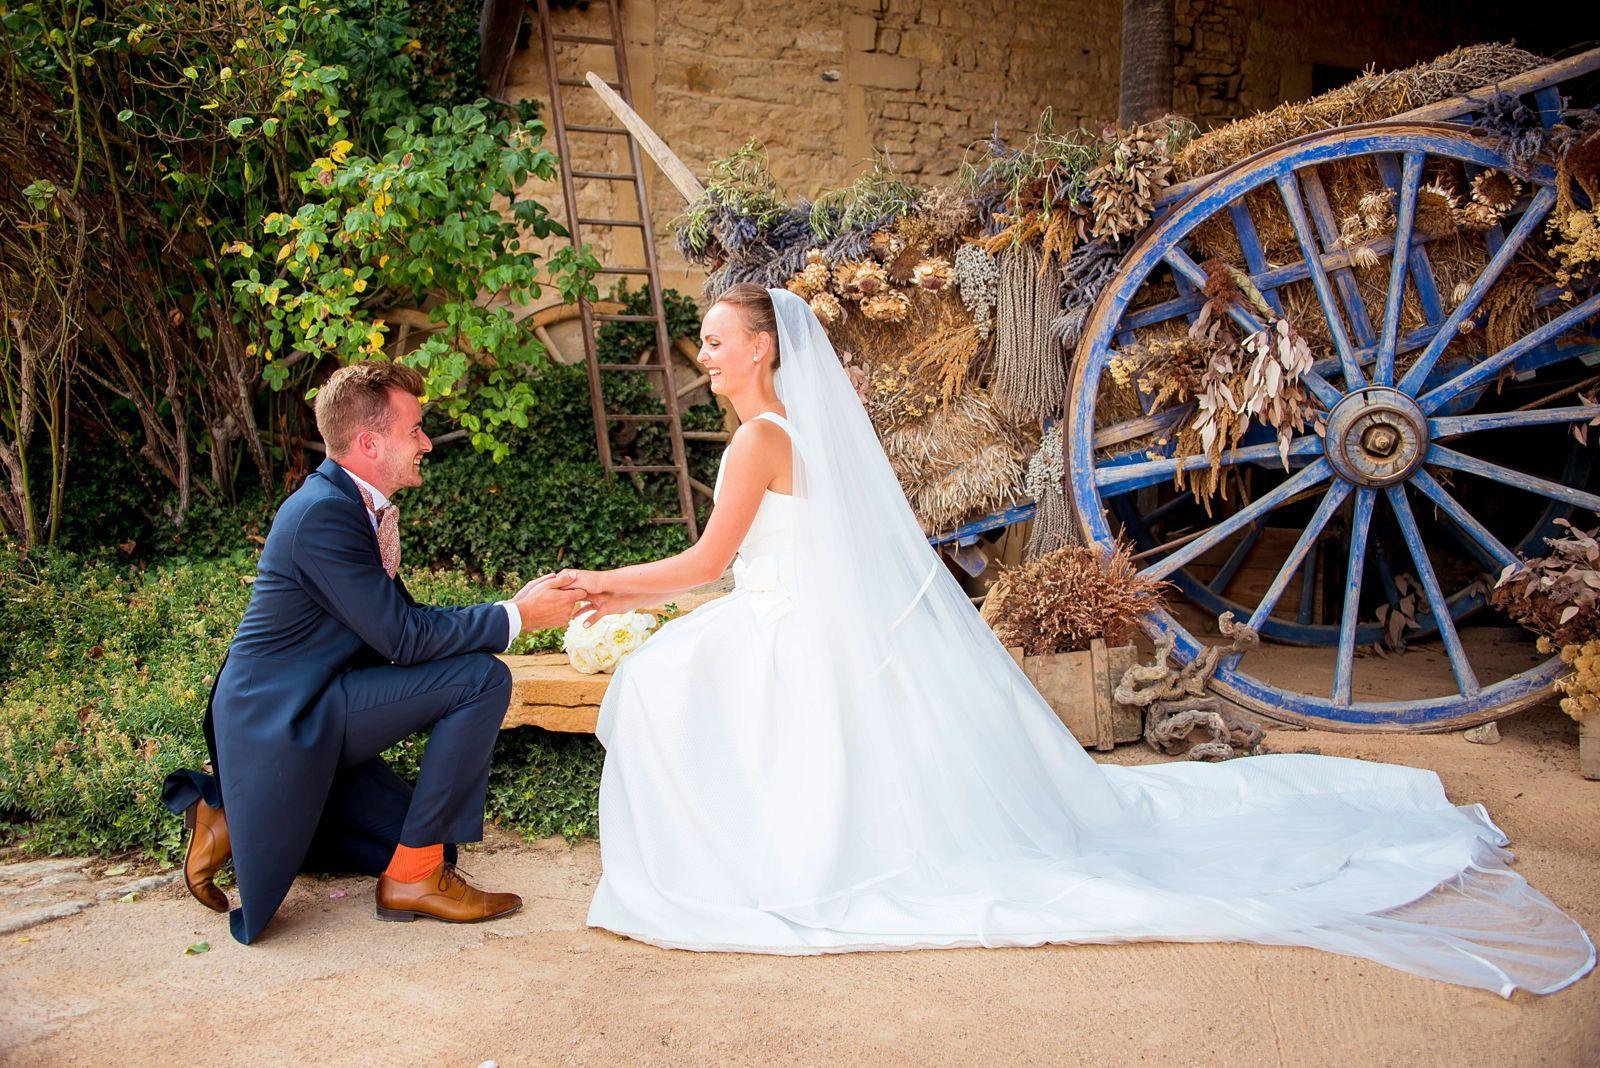 Propose service photographie: La photographe qu'il vous faut pour votre mariage!